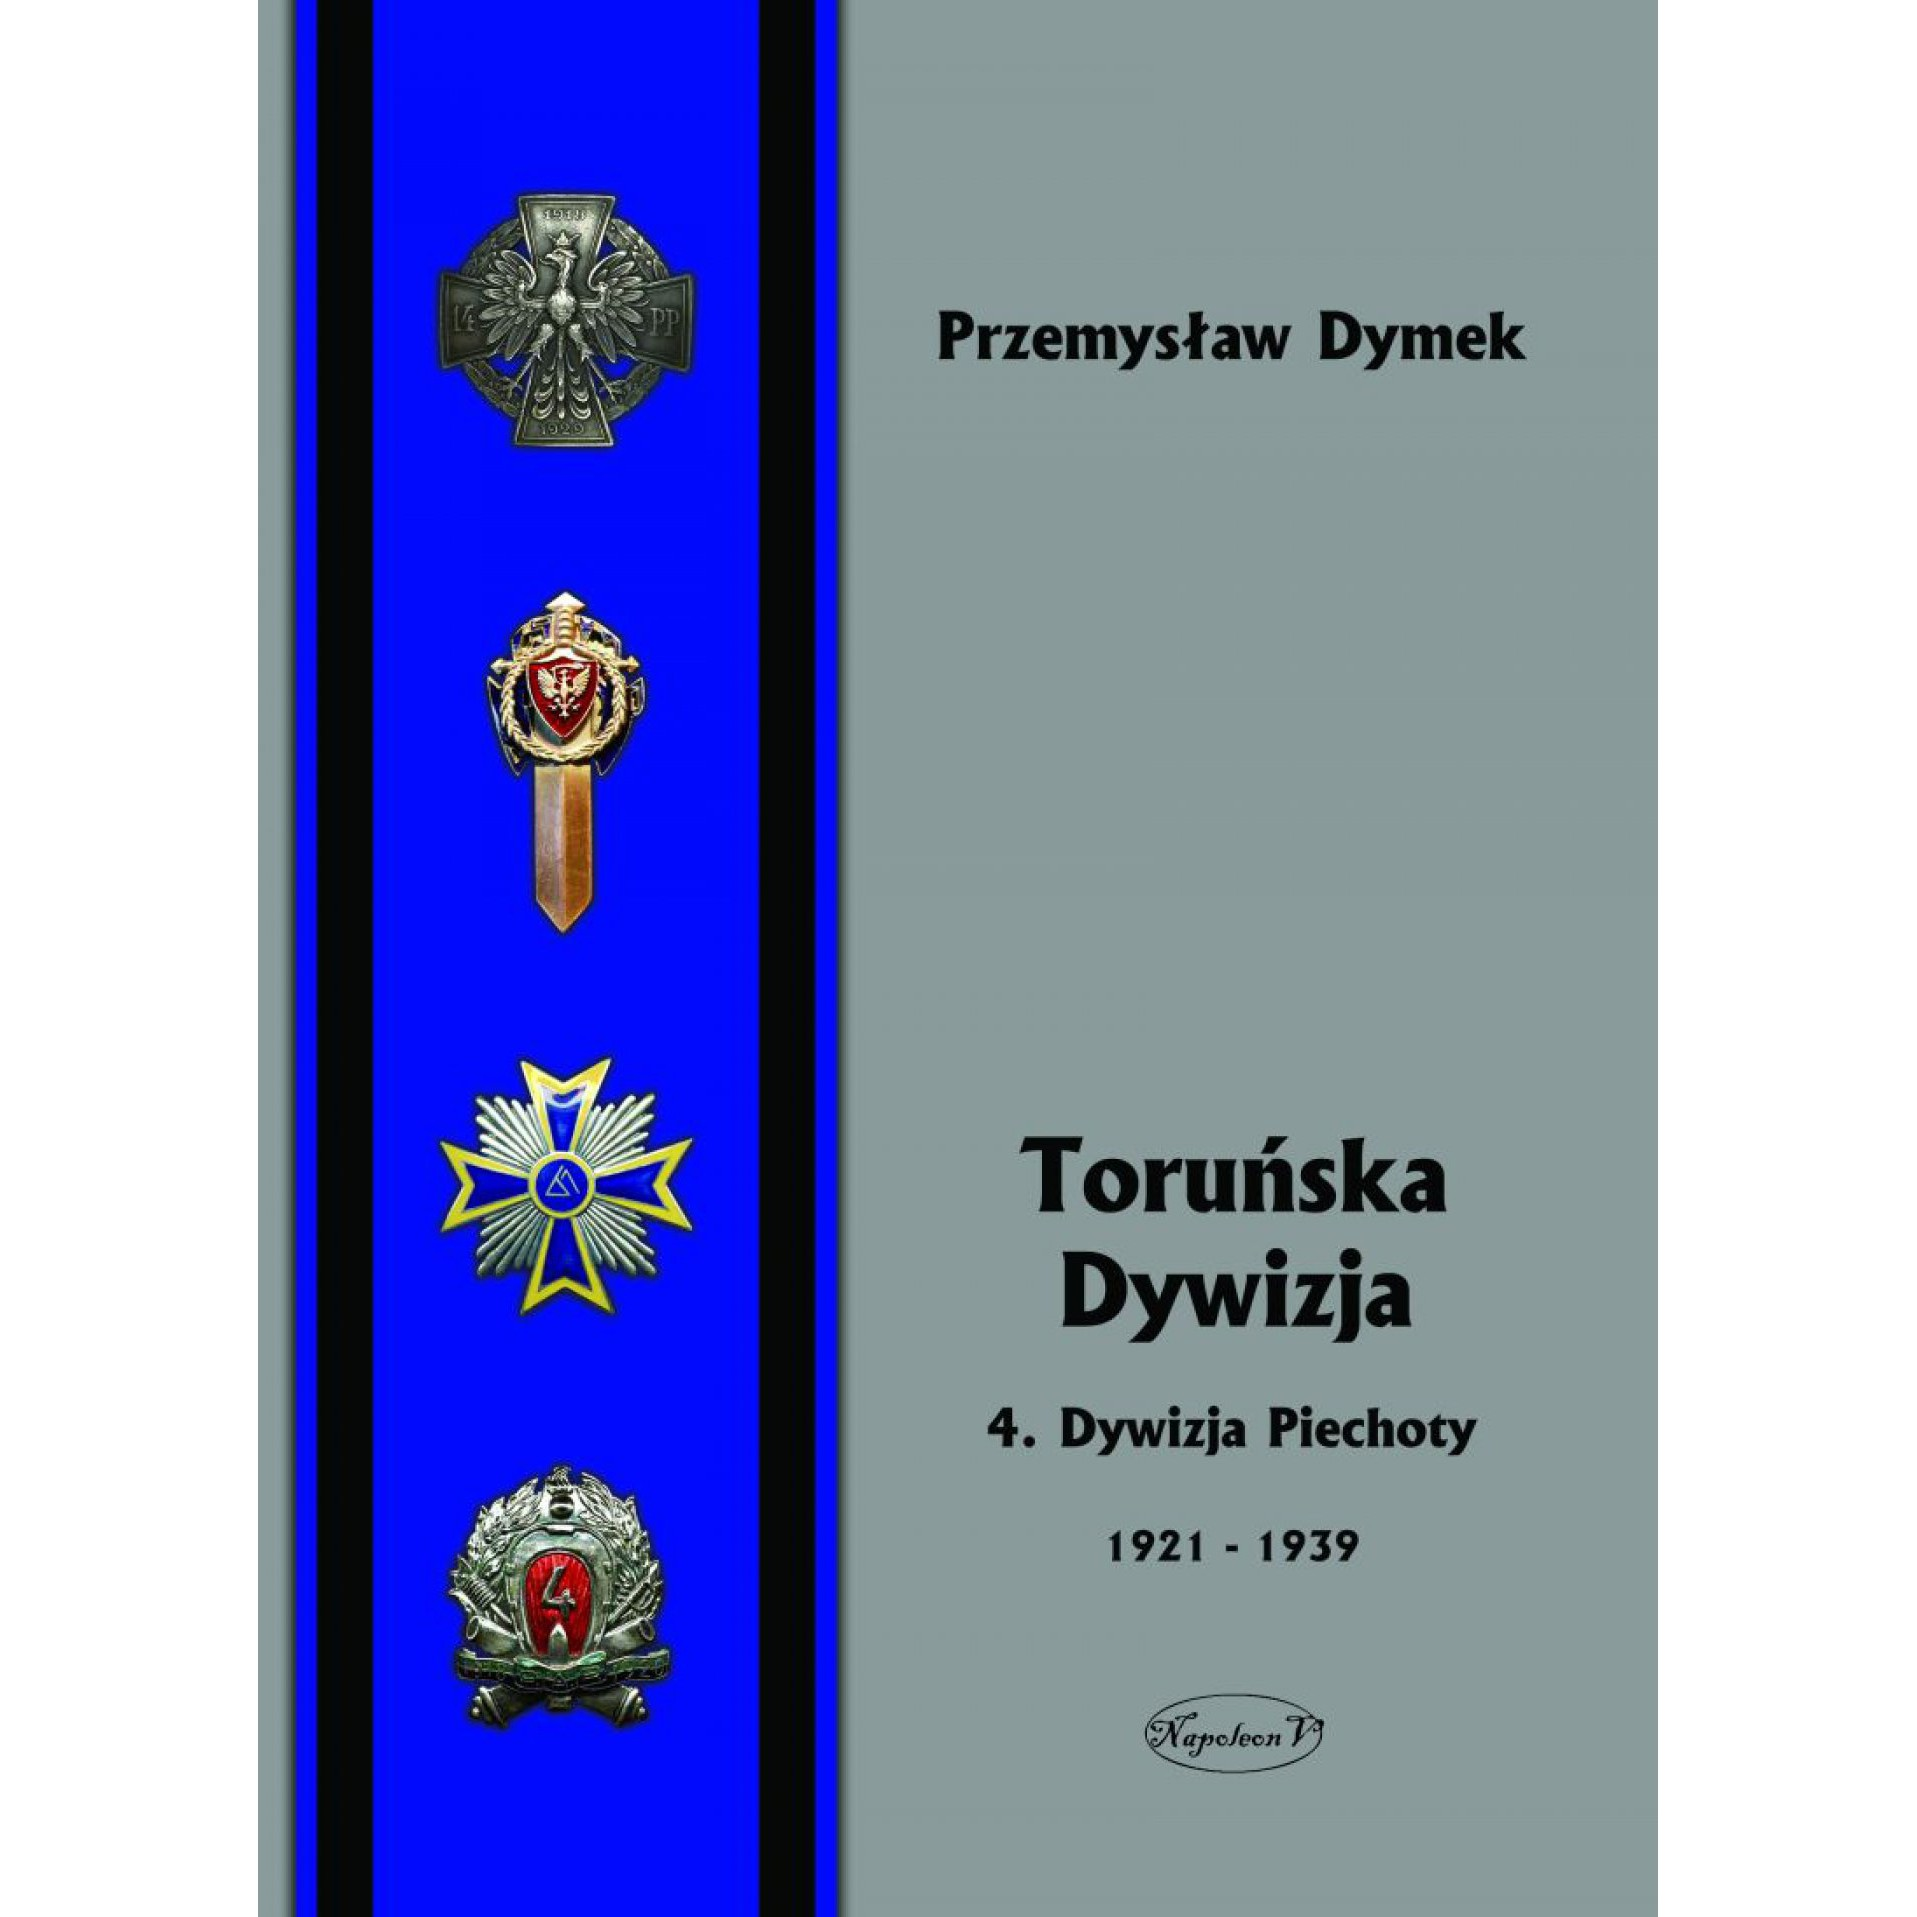 Toruńska dywizja. 4. Dywizja Piechoty w latach 1921-1939